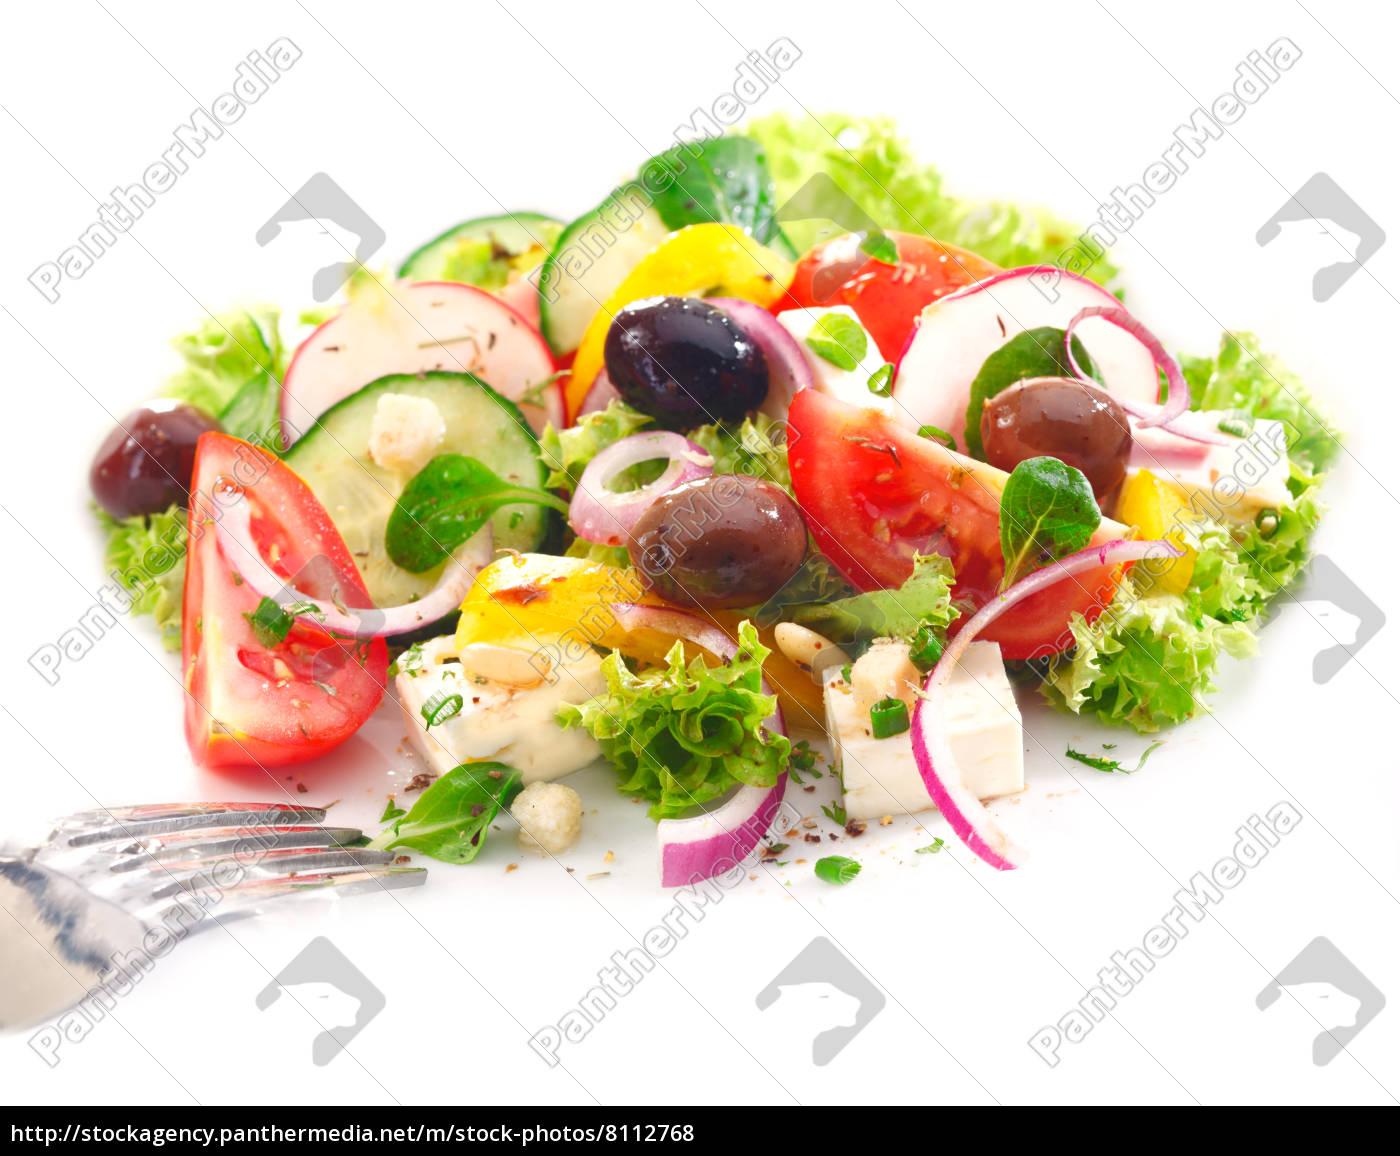 köstlichen, griechischen, salat - 8112768